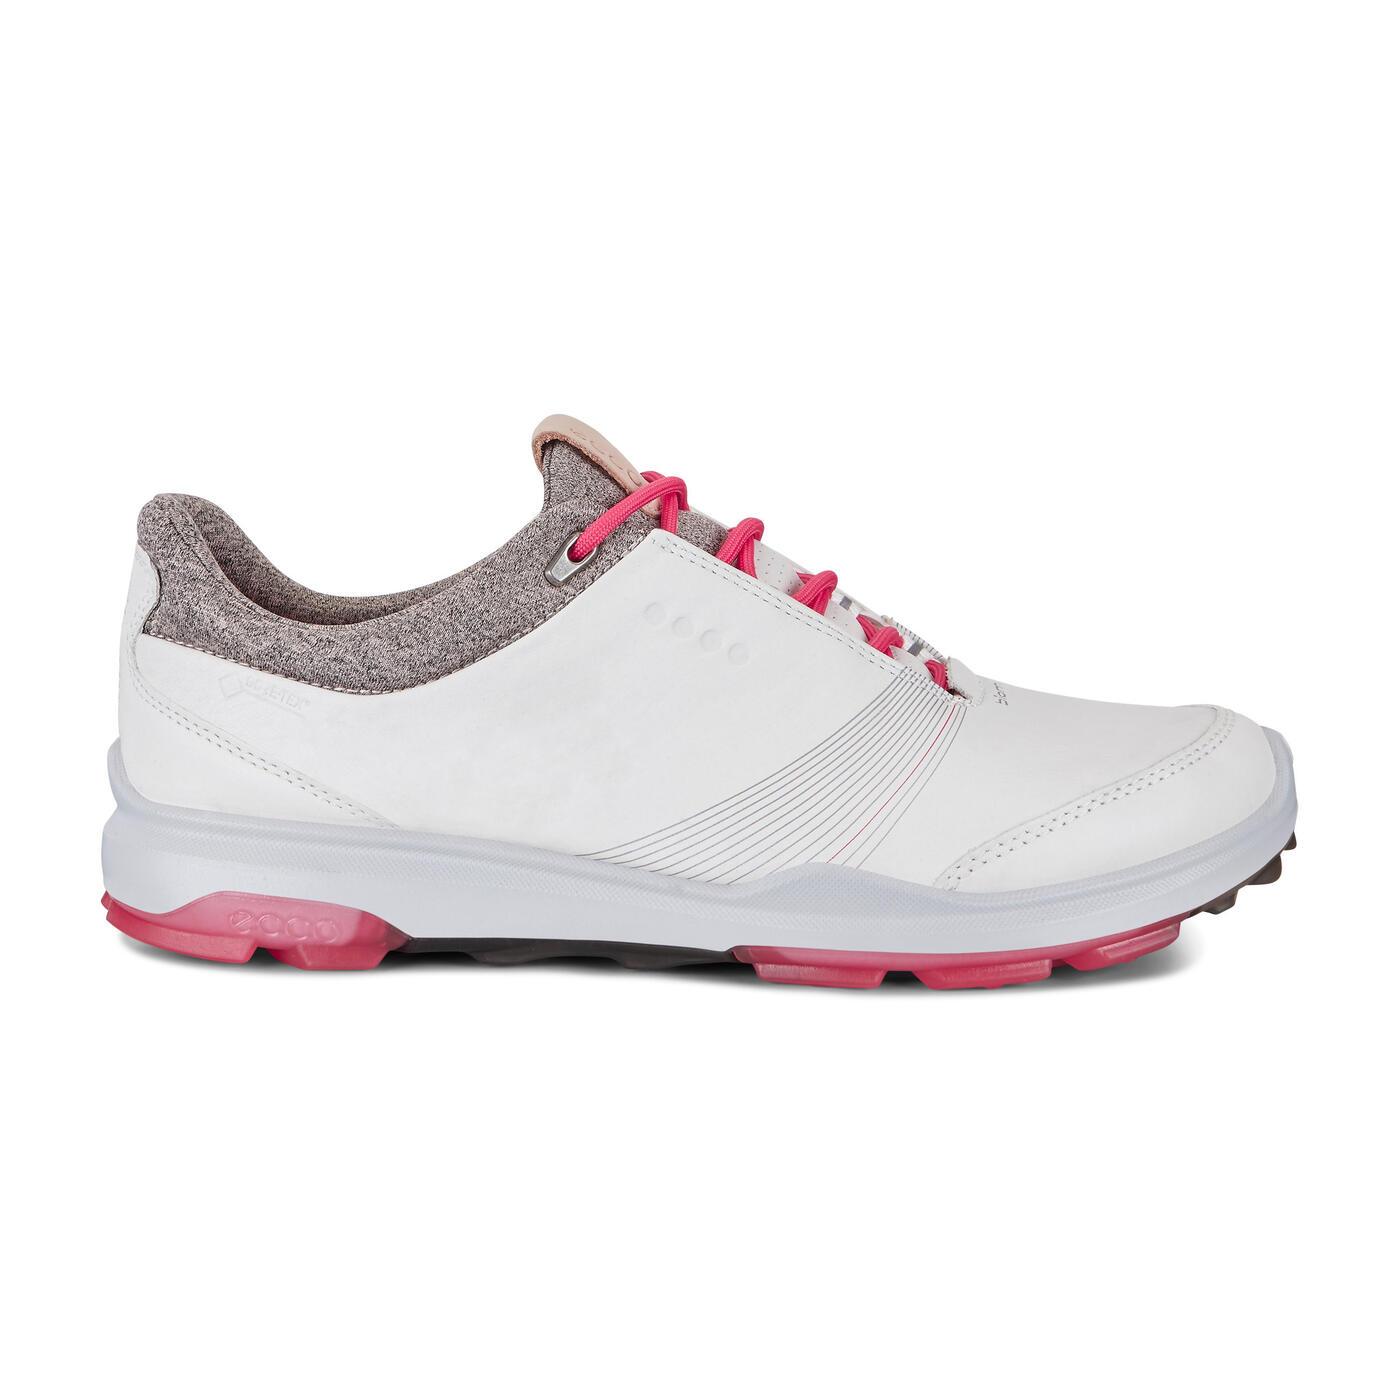 Giày golf nữ Ecco BIOM Hybrid 3 2 phiên bản màu trắng và màu be